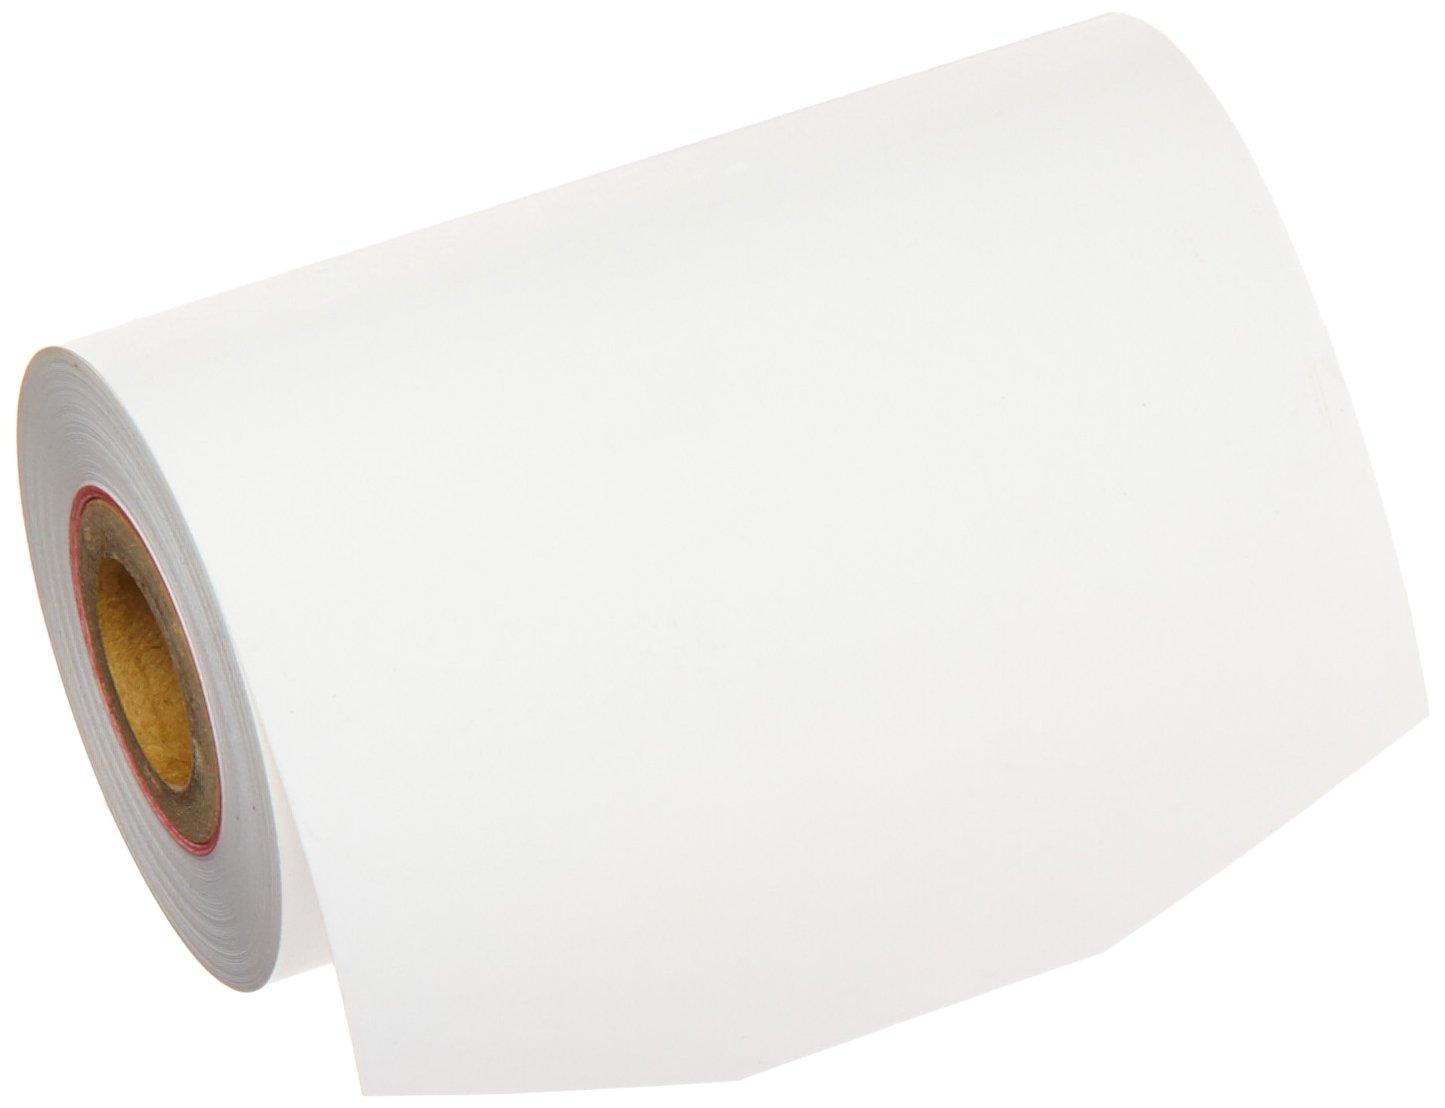 Hioki 9233 Recording Paper for 9203 Digital Printer, 10m Length x 58mm Width by Hioki